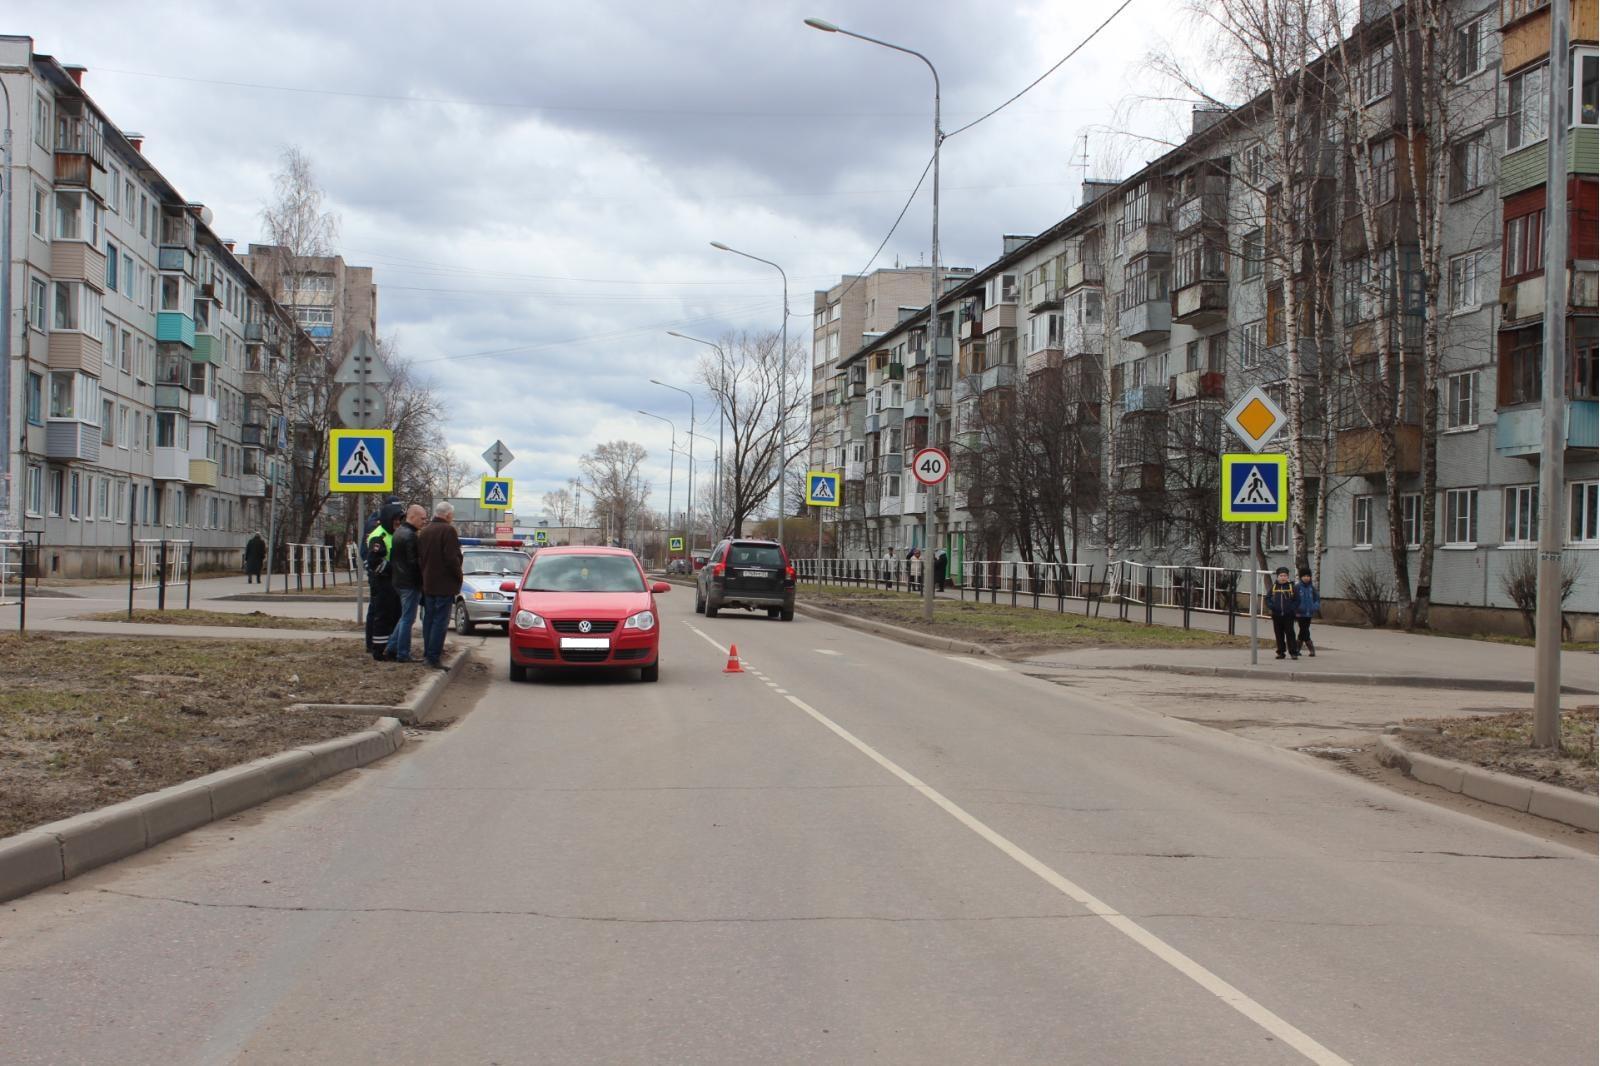 ВВологде Фольксваген сбил 4-летнего ребенка назебре